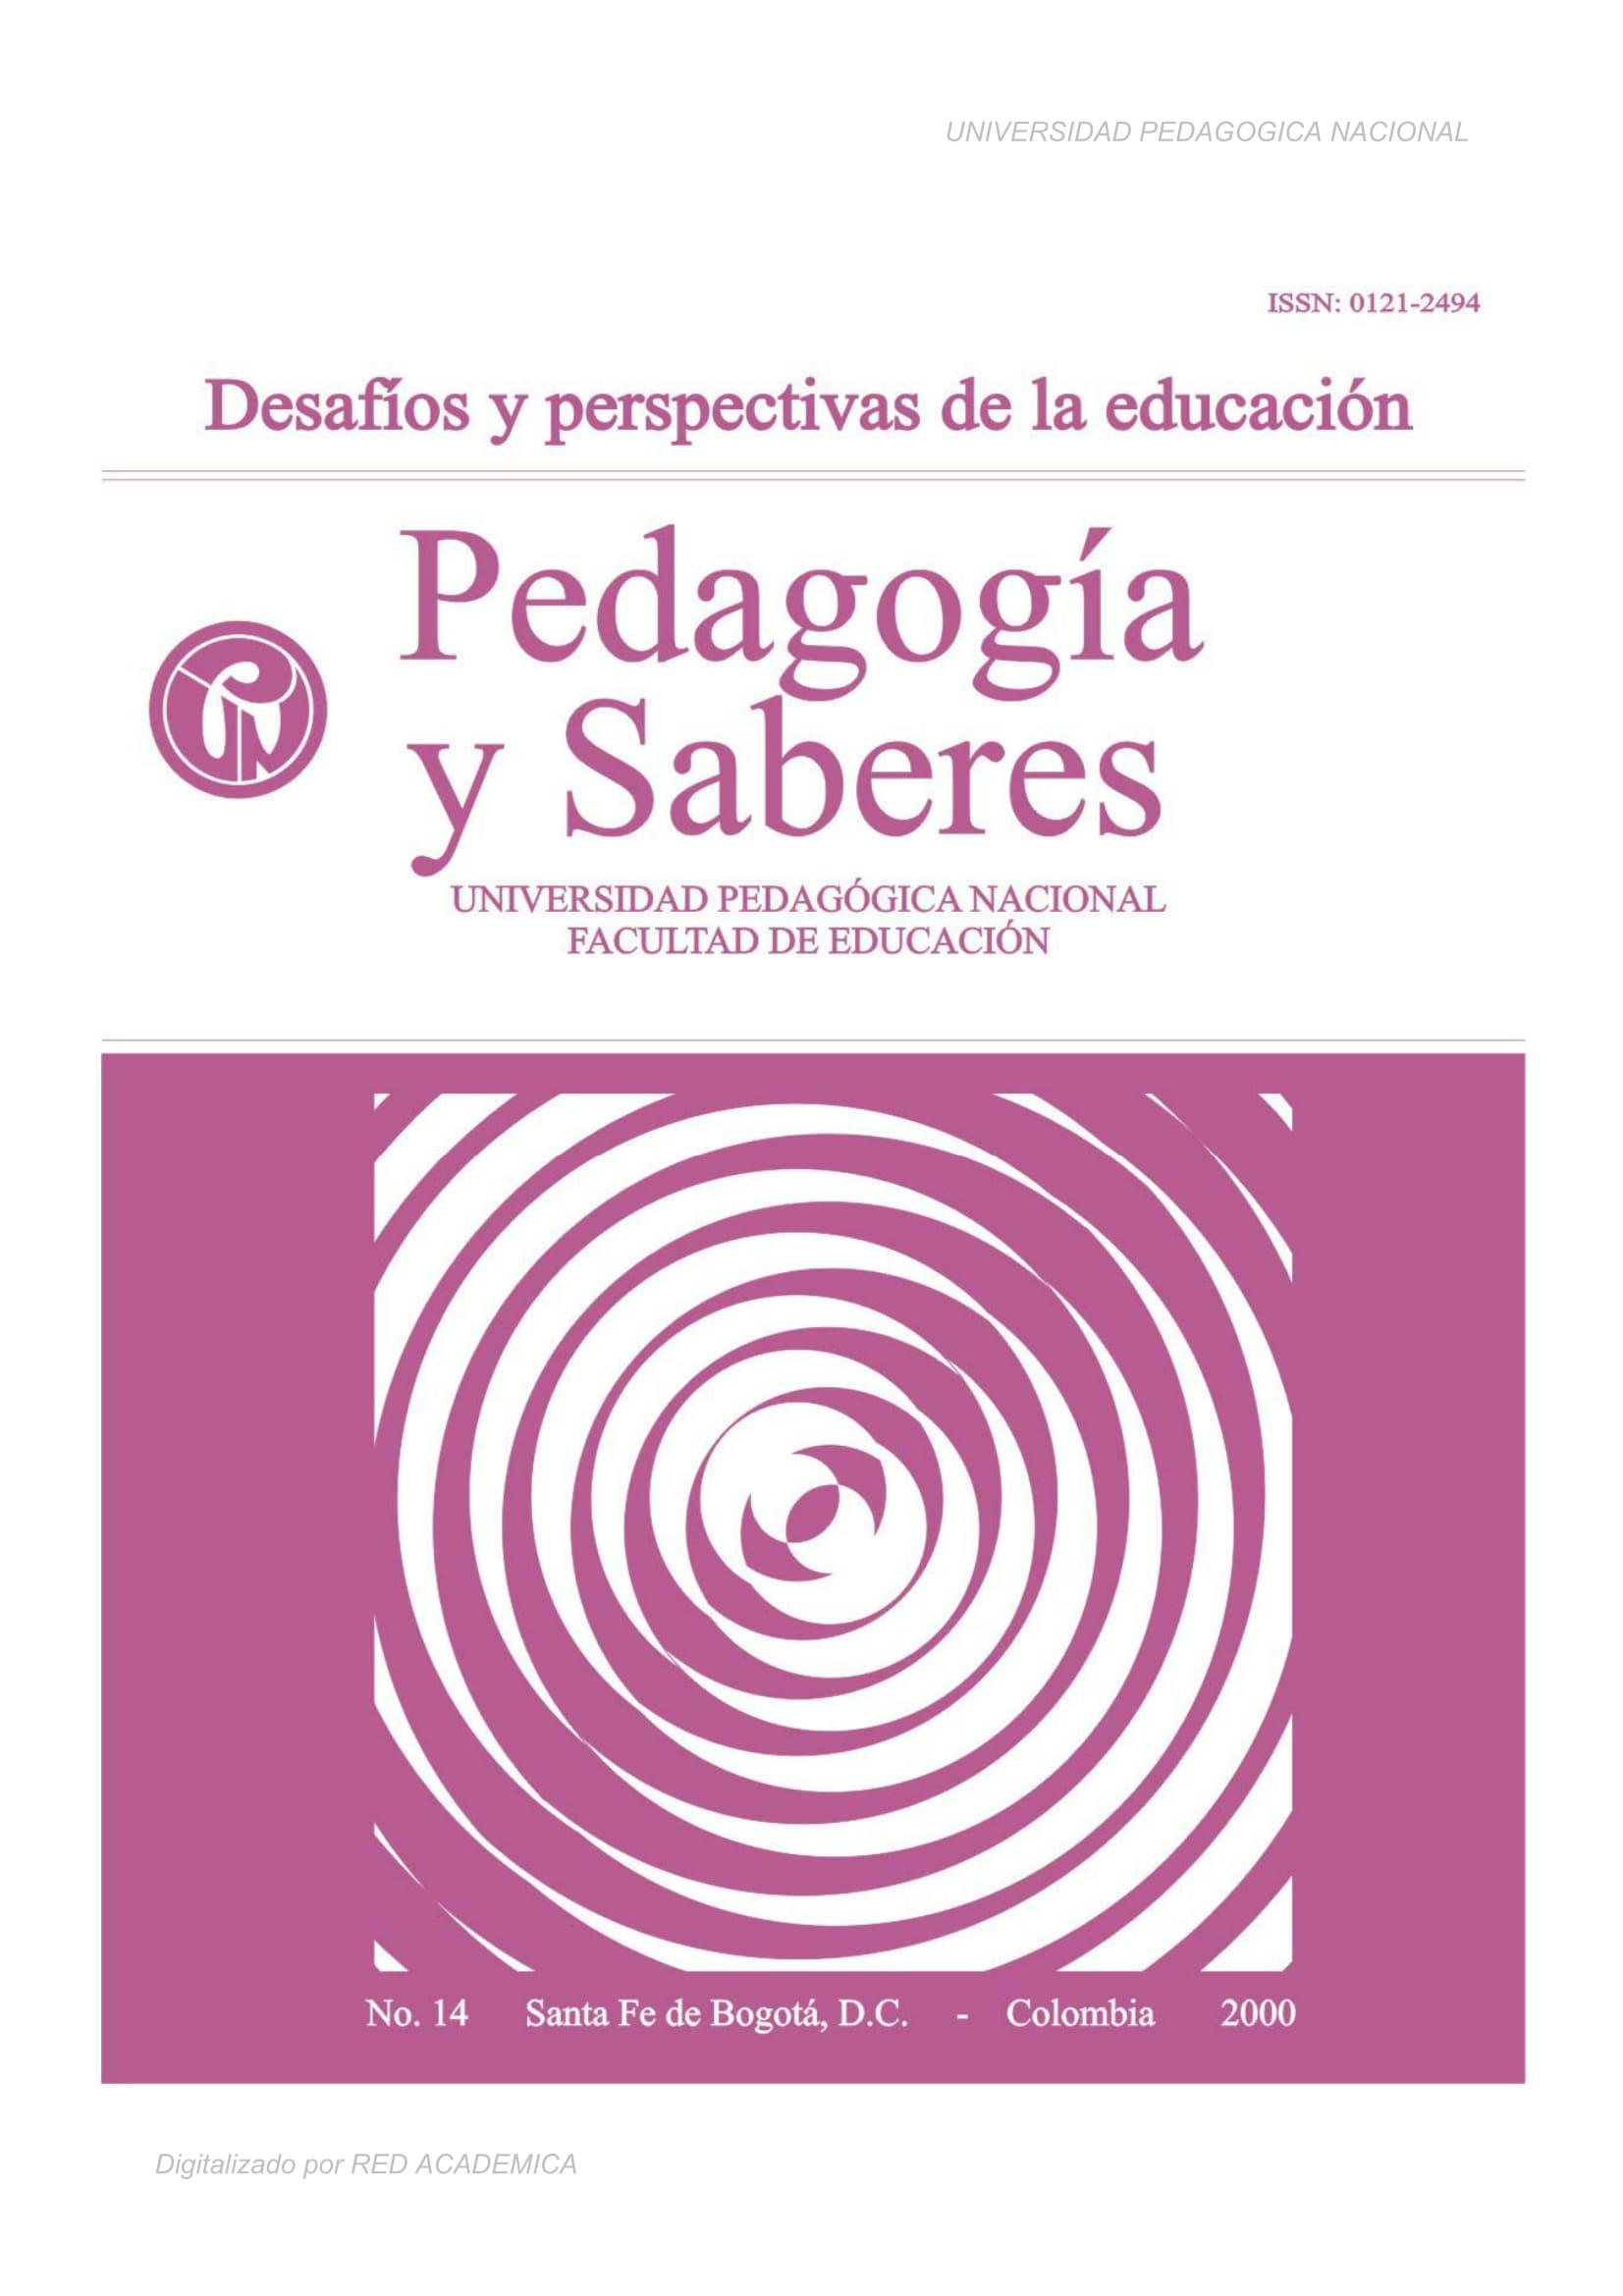 Desafíos y perspectivas de la Educación